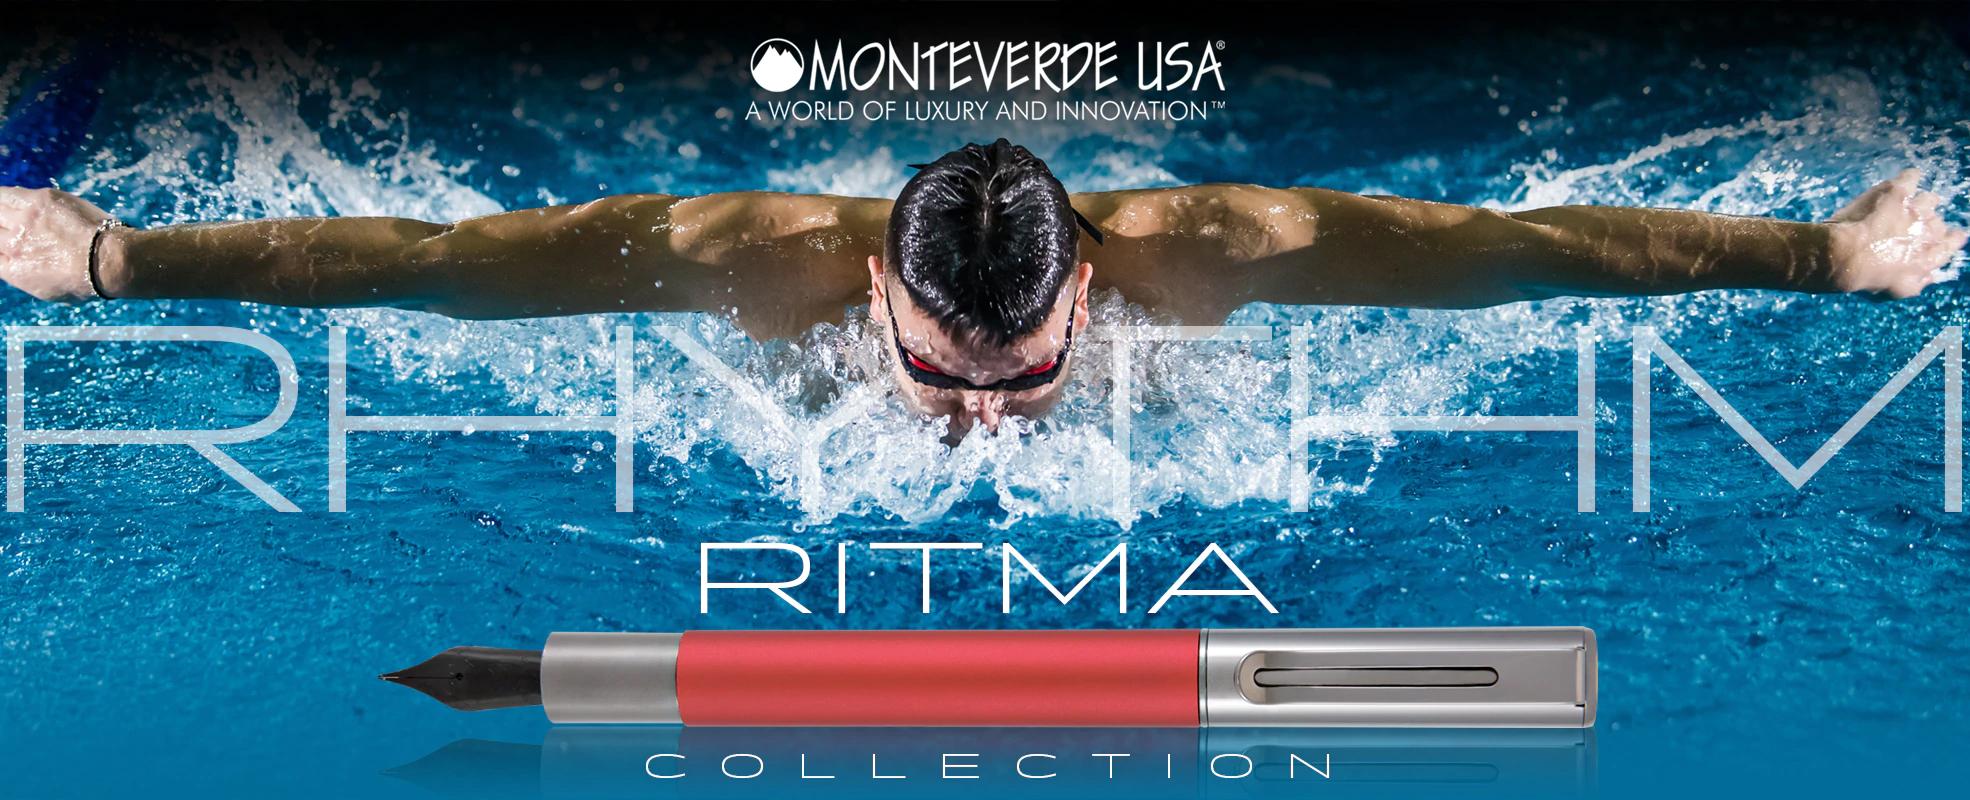 ritma-banner-new-1.jpg